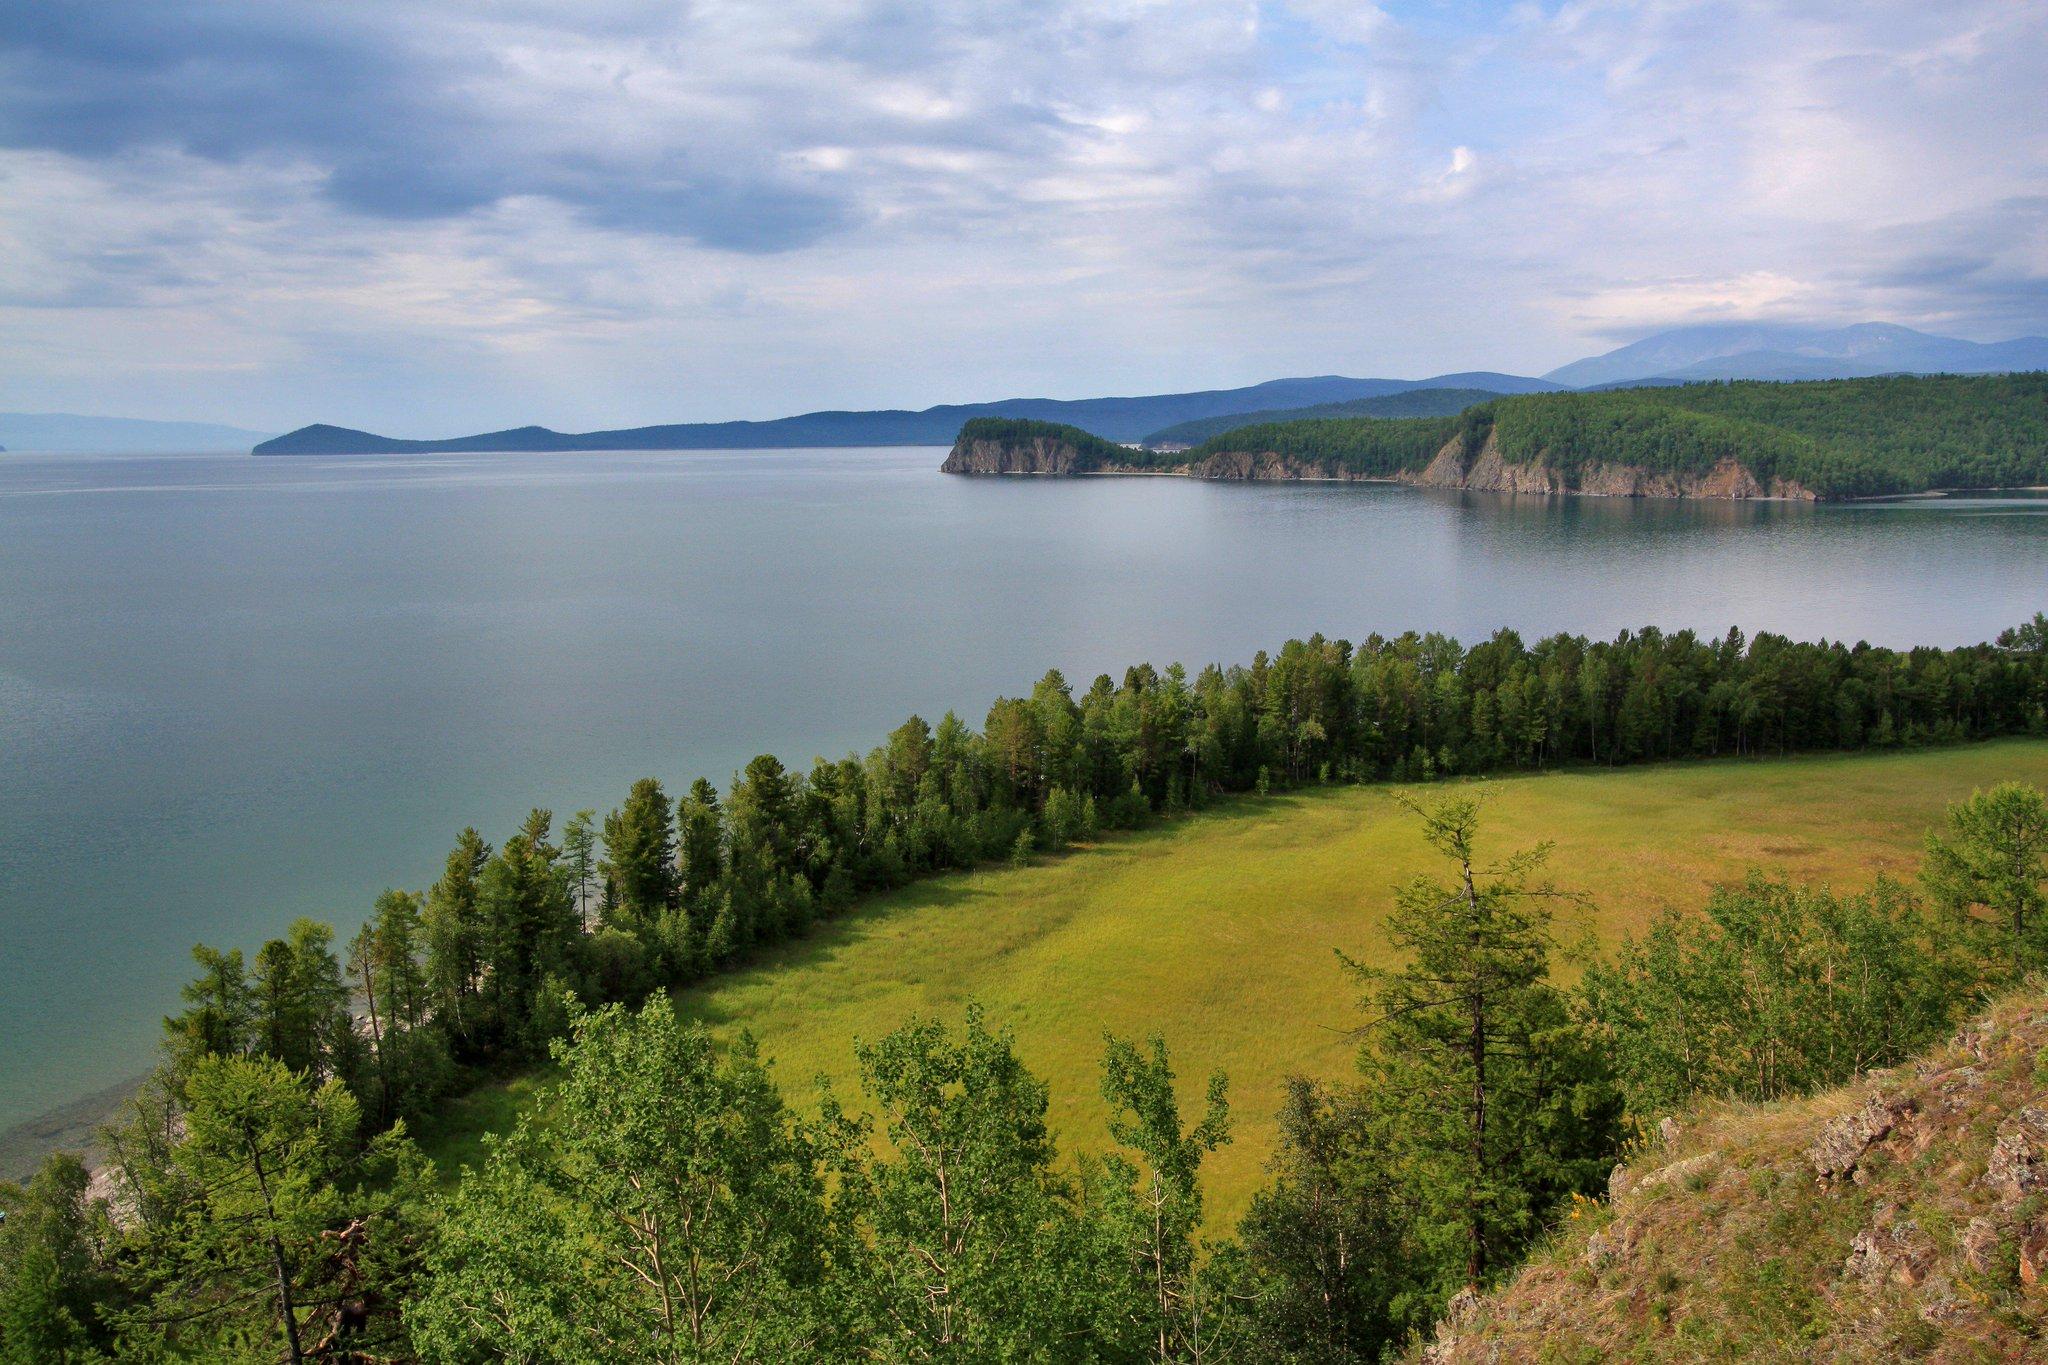 всех этих национальные парки россии фото помощью изобразительных